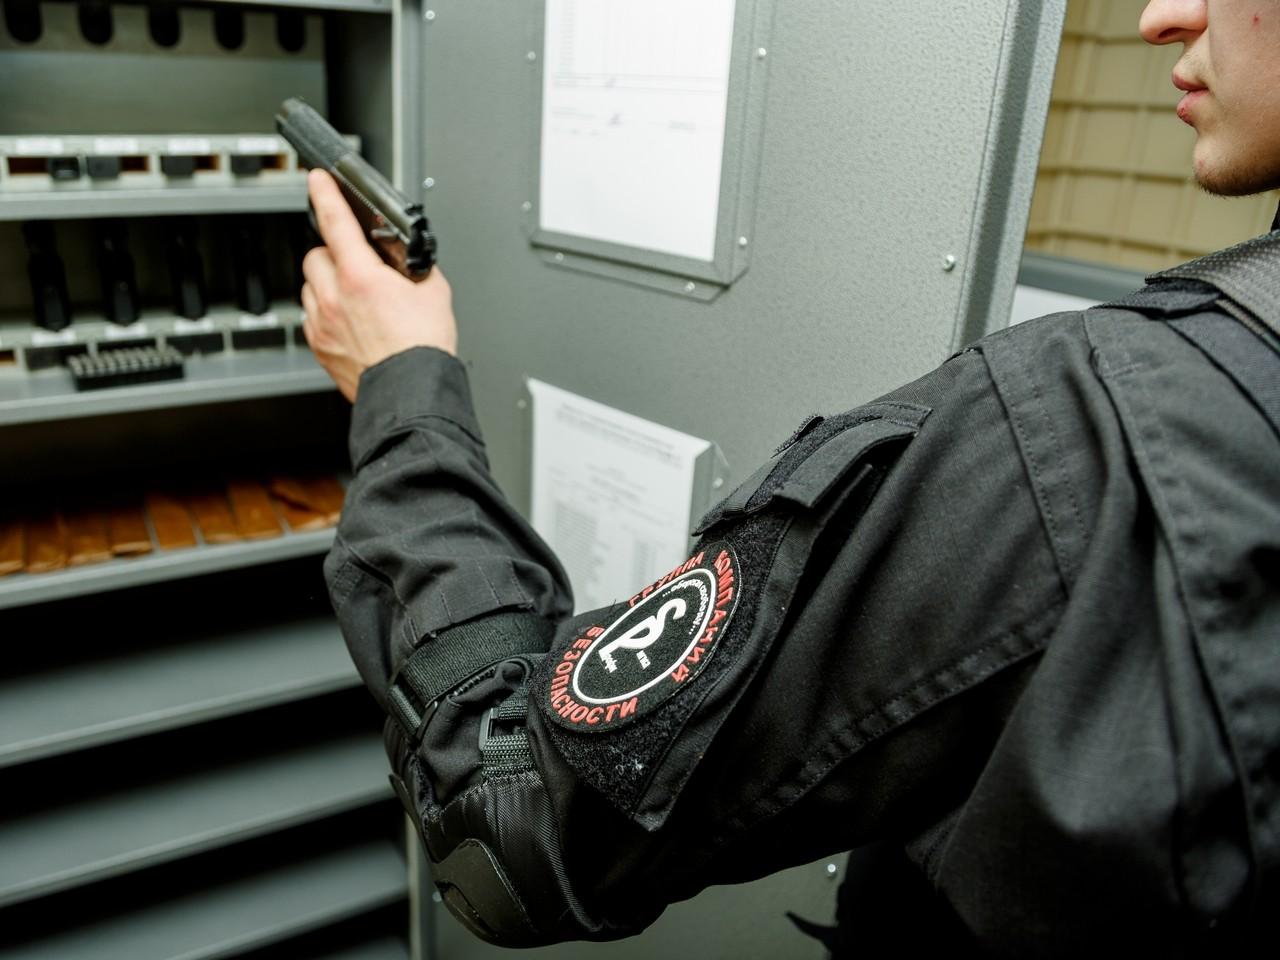 Обеспечение безопасности зданий и сооружений: виды охраны, правила, нюансы